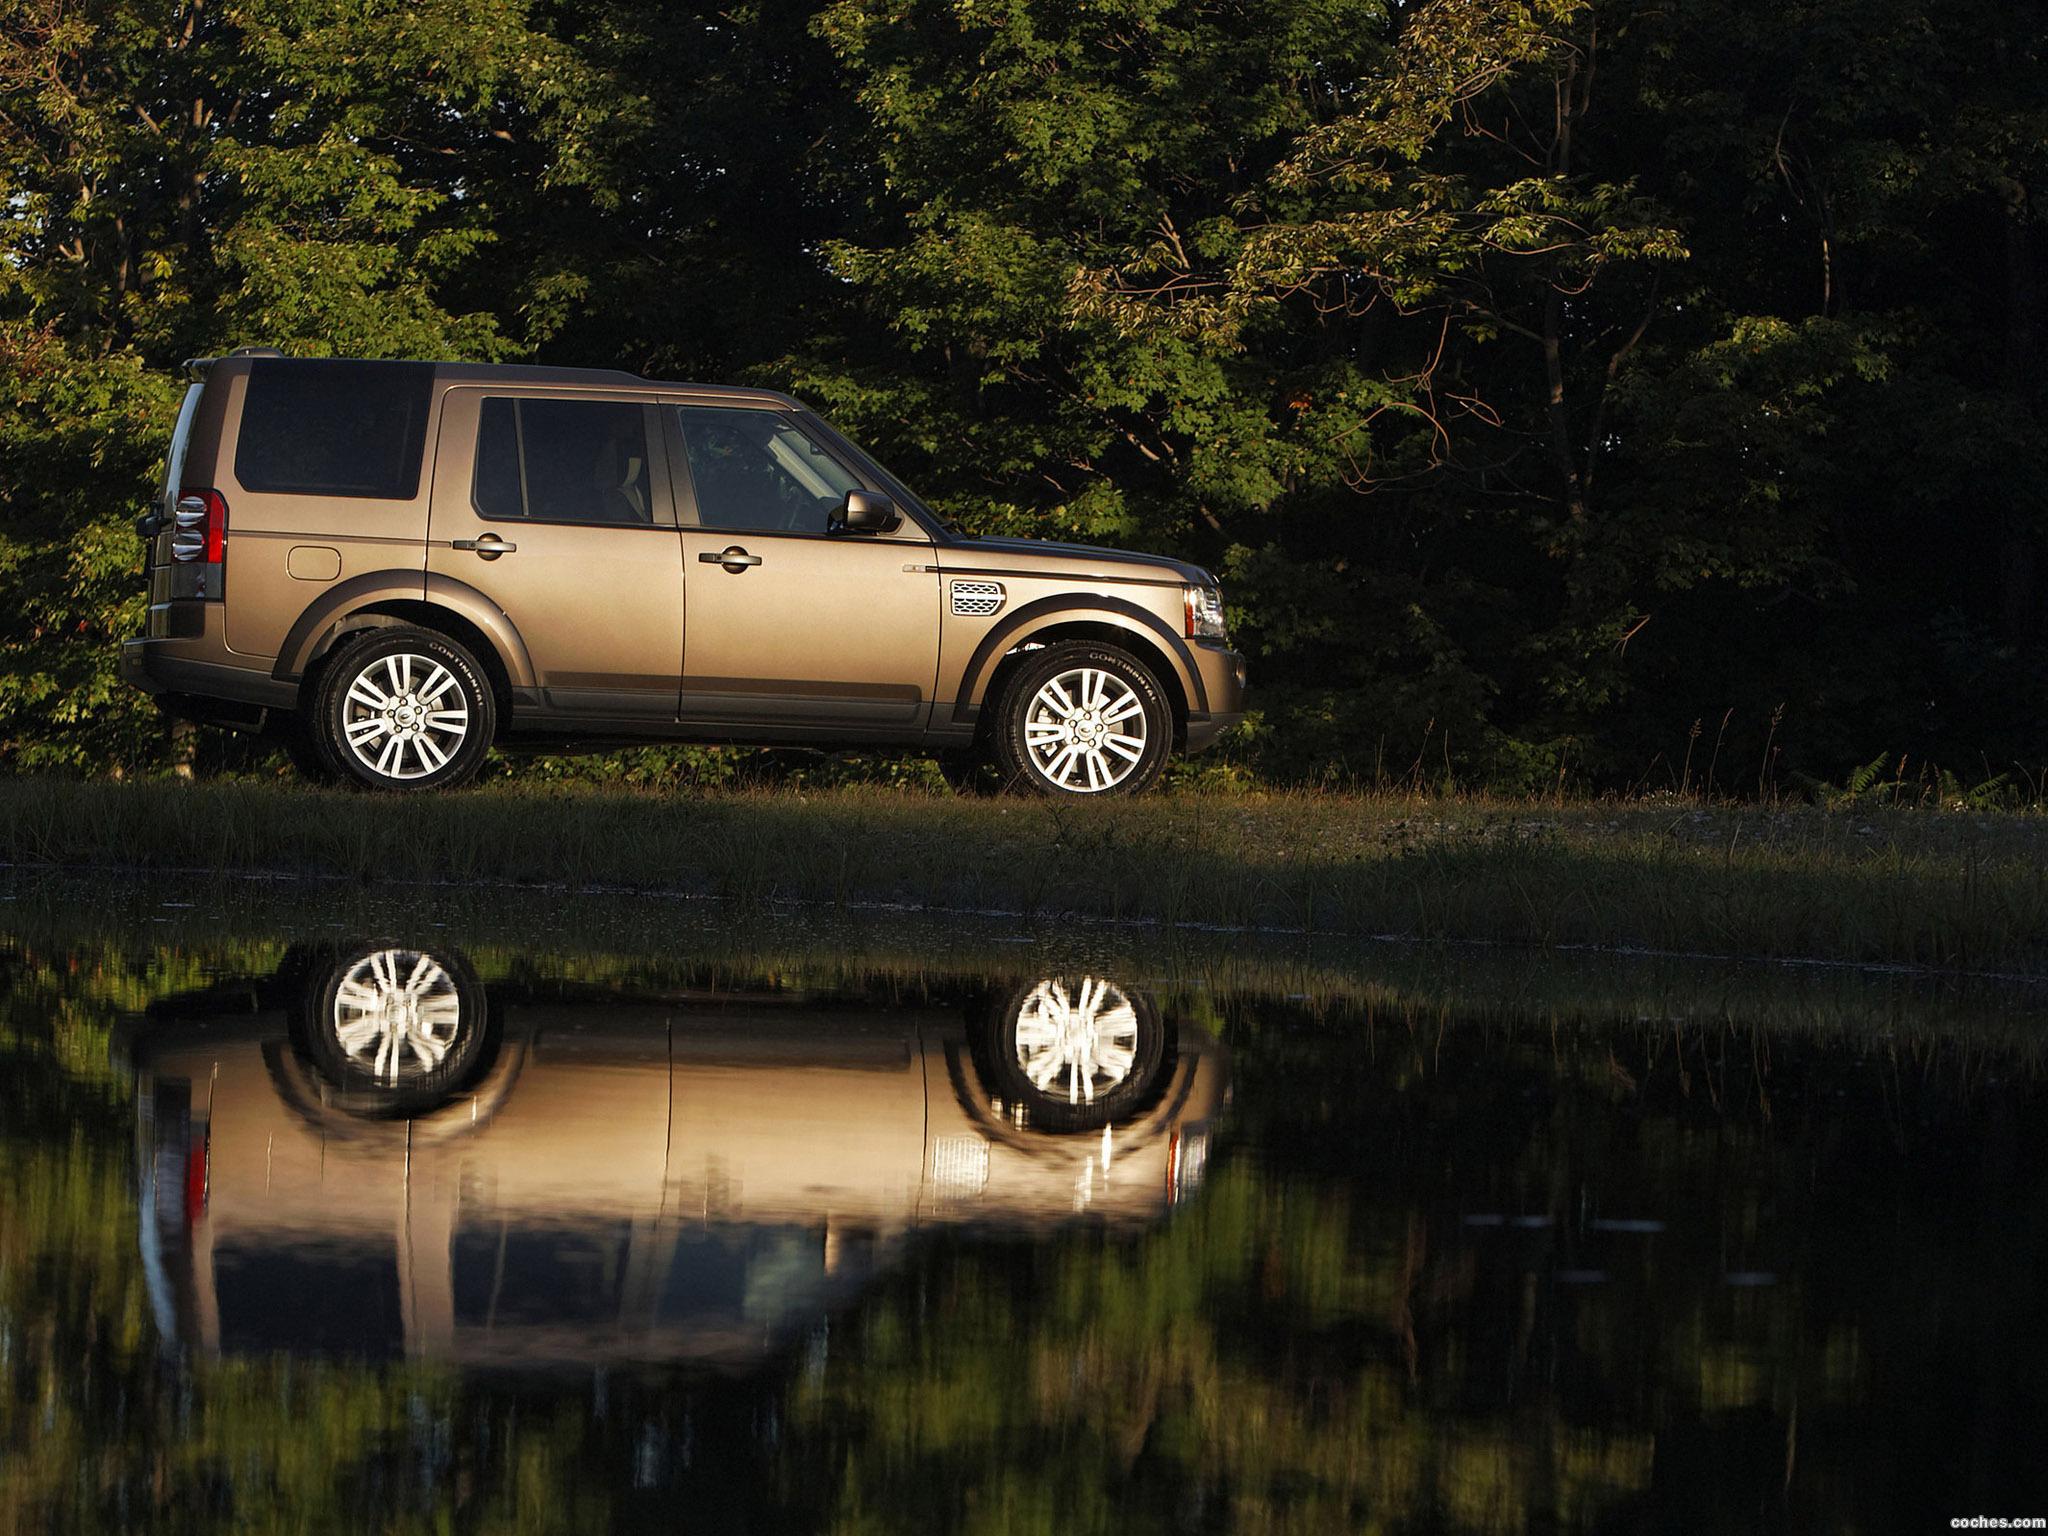 Foto 15 de Land Rover Discovery LR4 2009